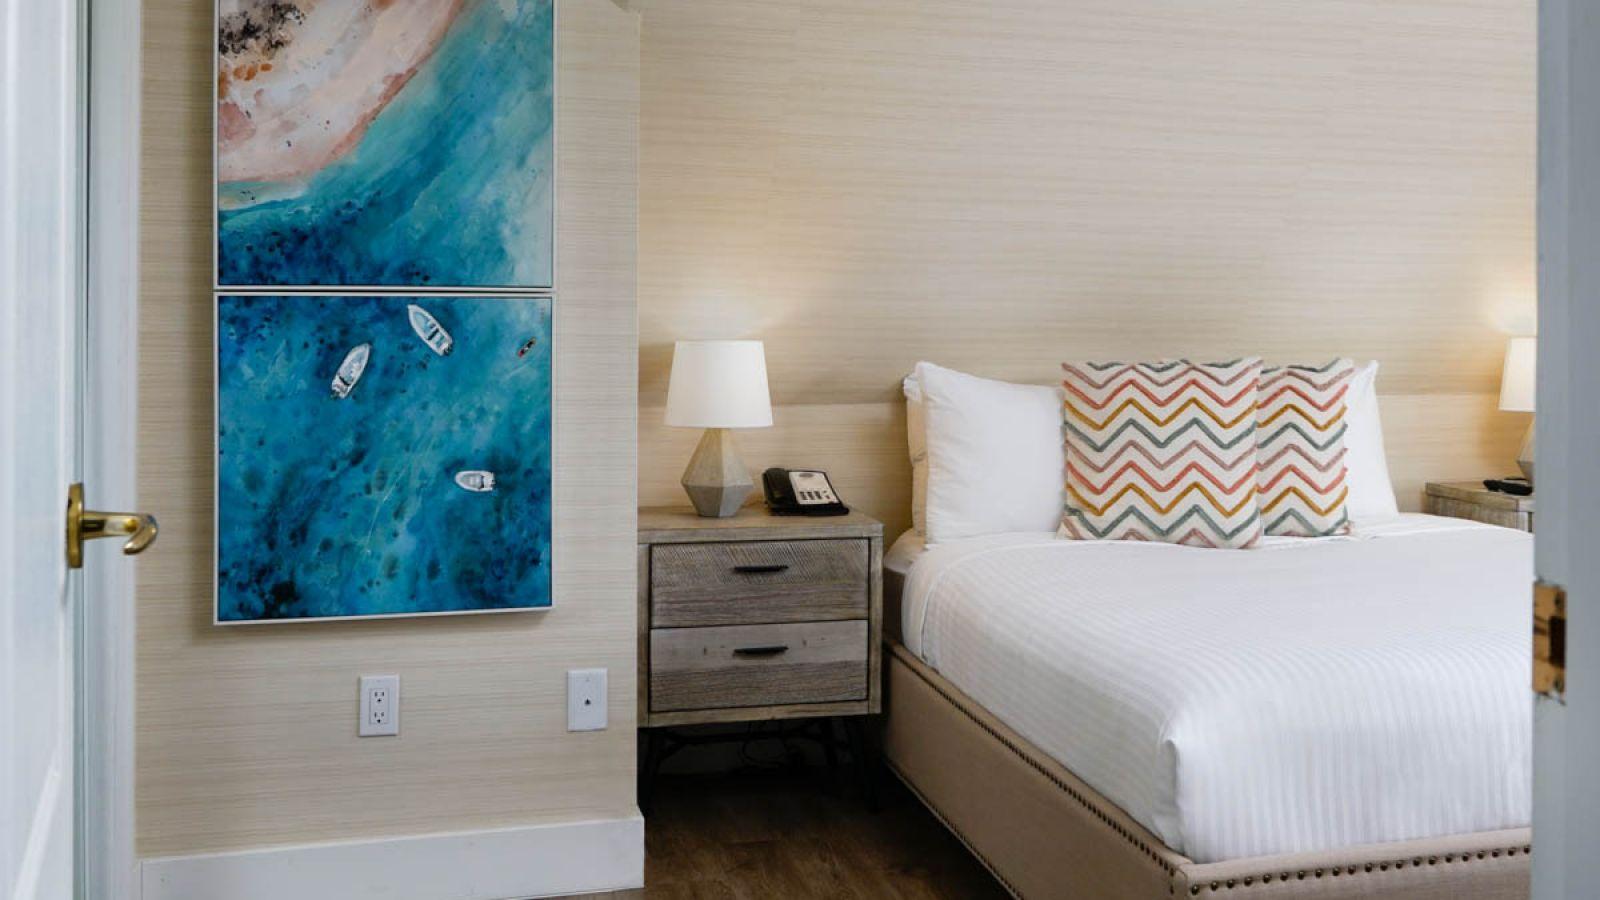 Prestige Beach House Kelowna - 2 bedroom suite